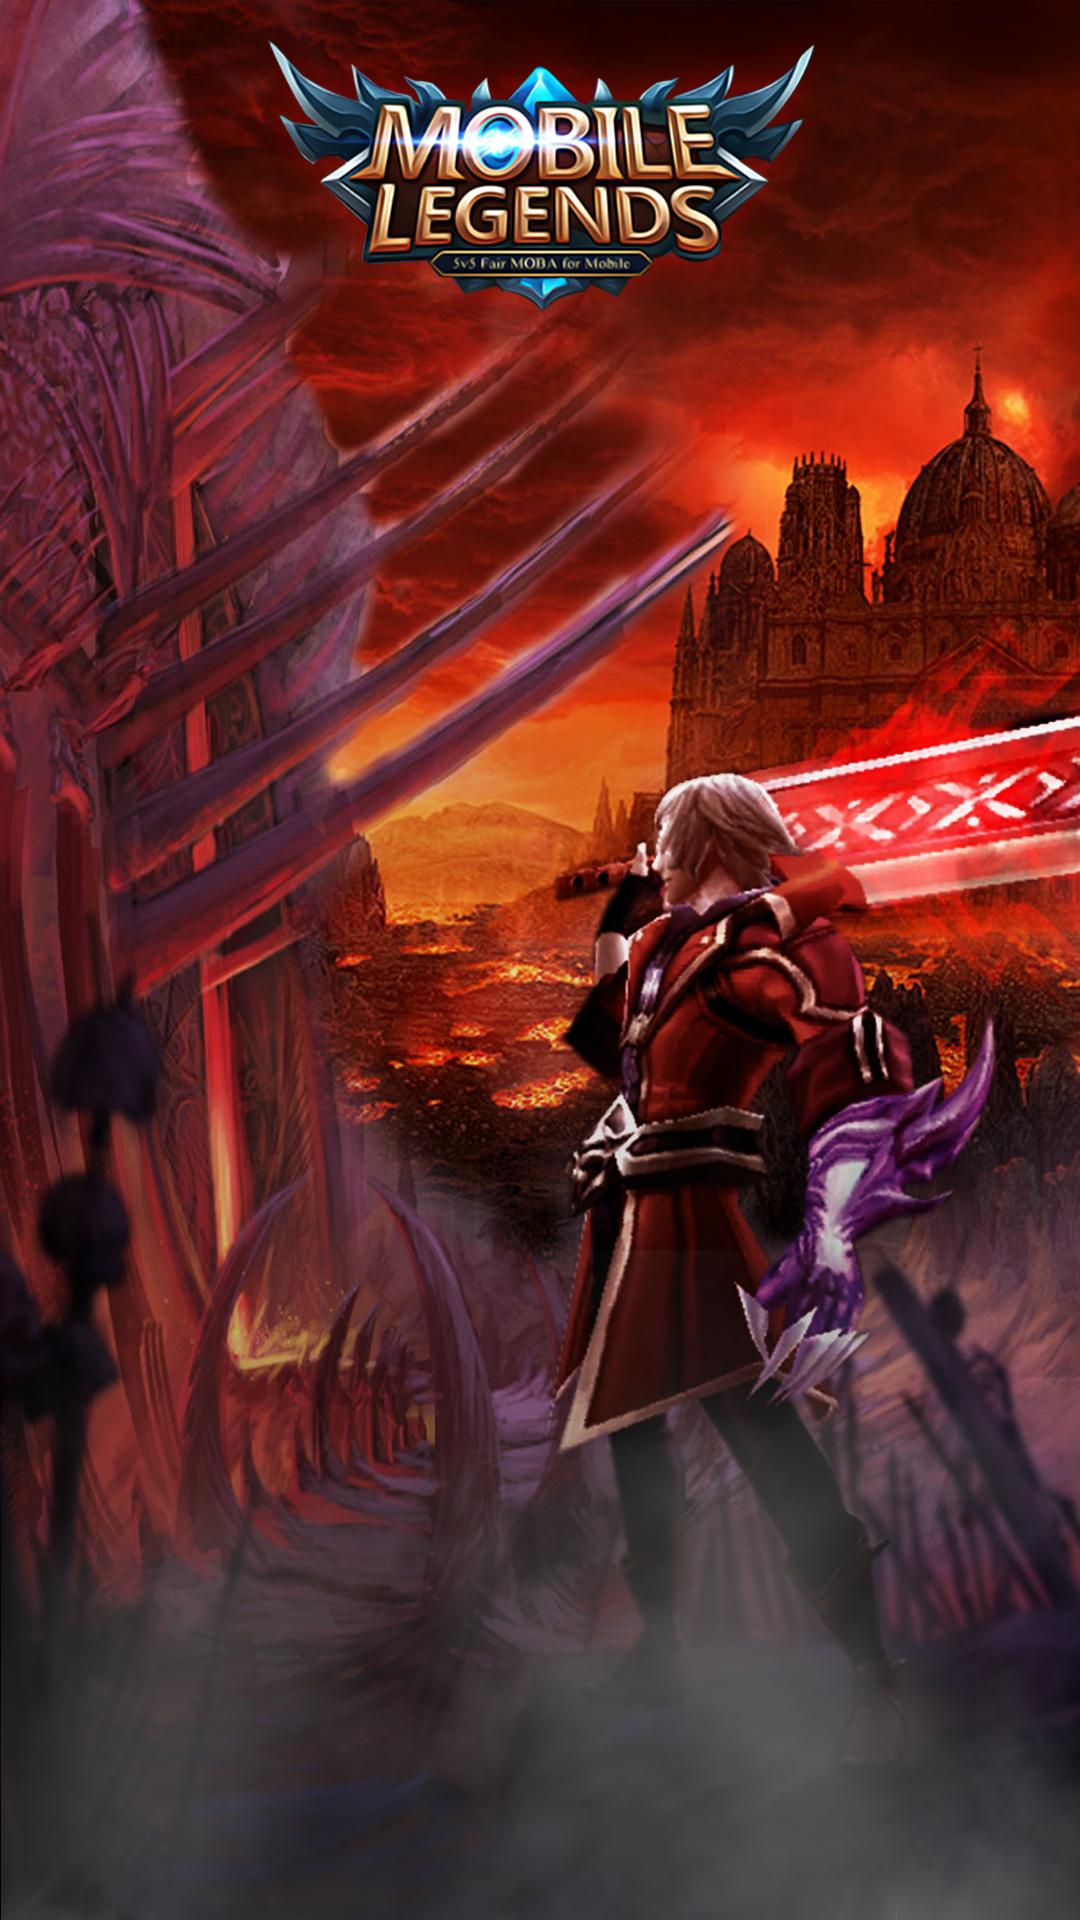 Mobile Legends Wallpaper Download Game